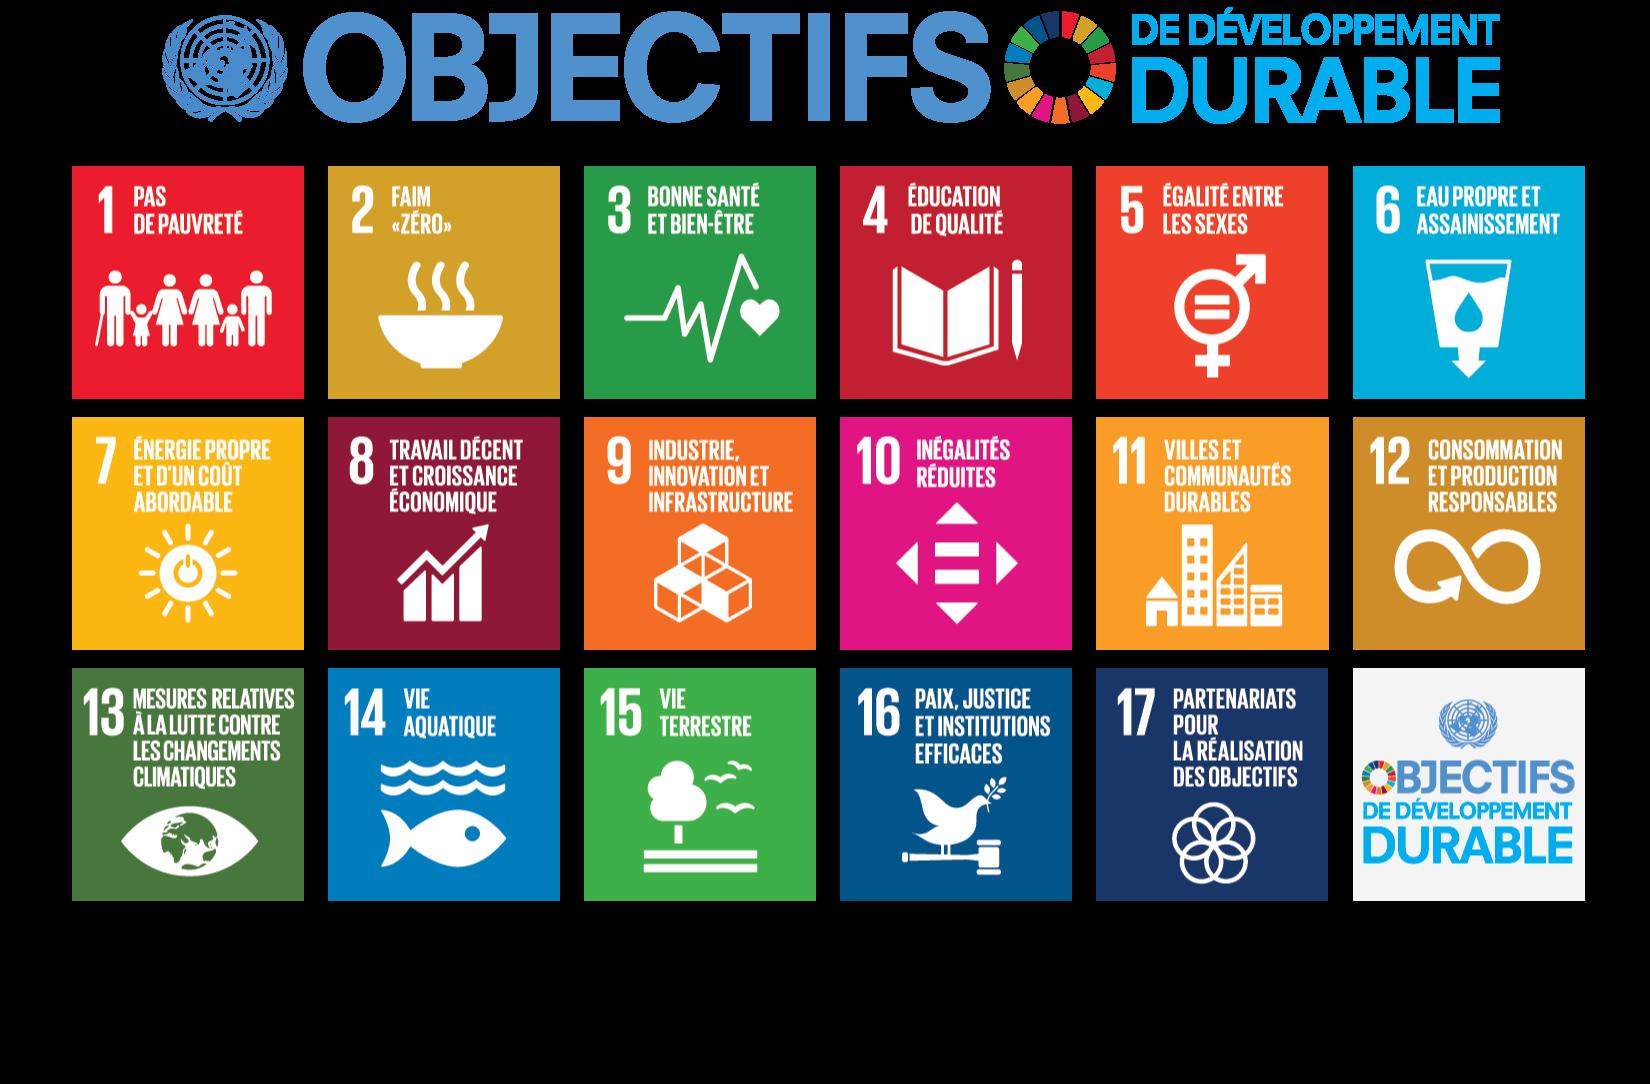 SDG_icons_fr-1